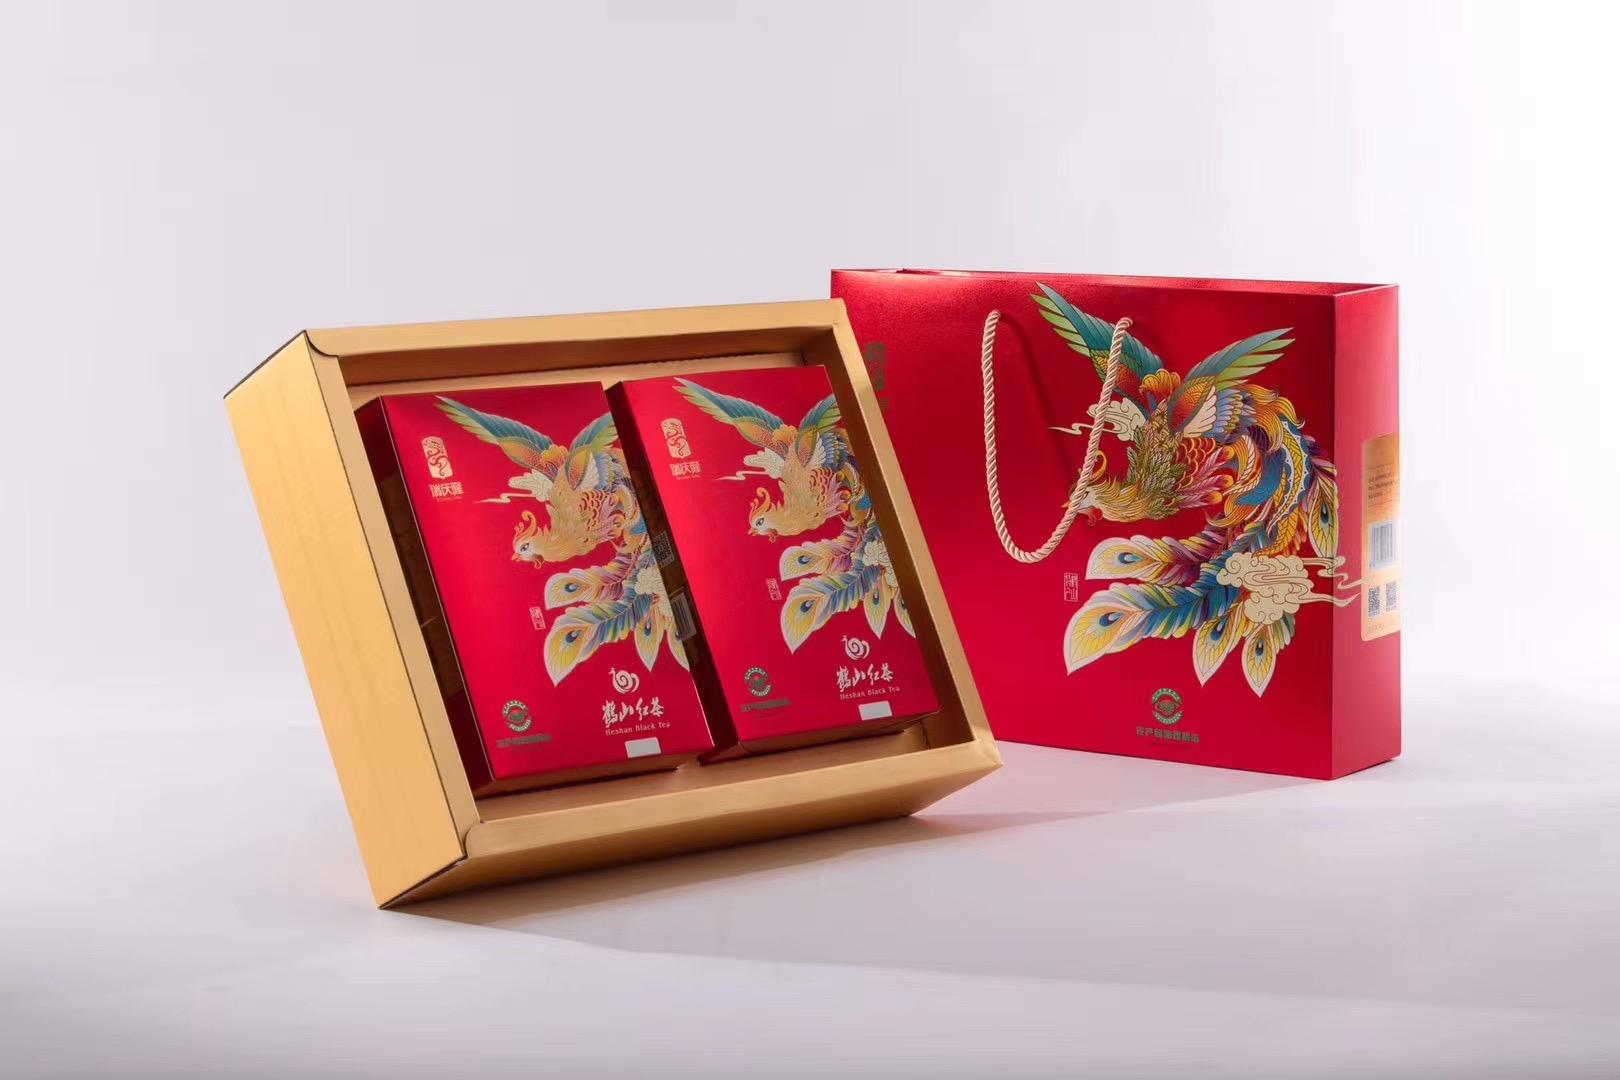 爆单款红茶礼盒